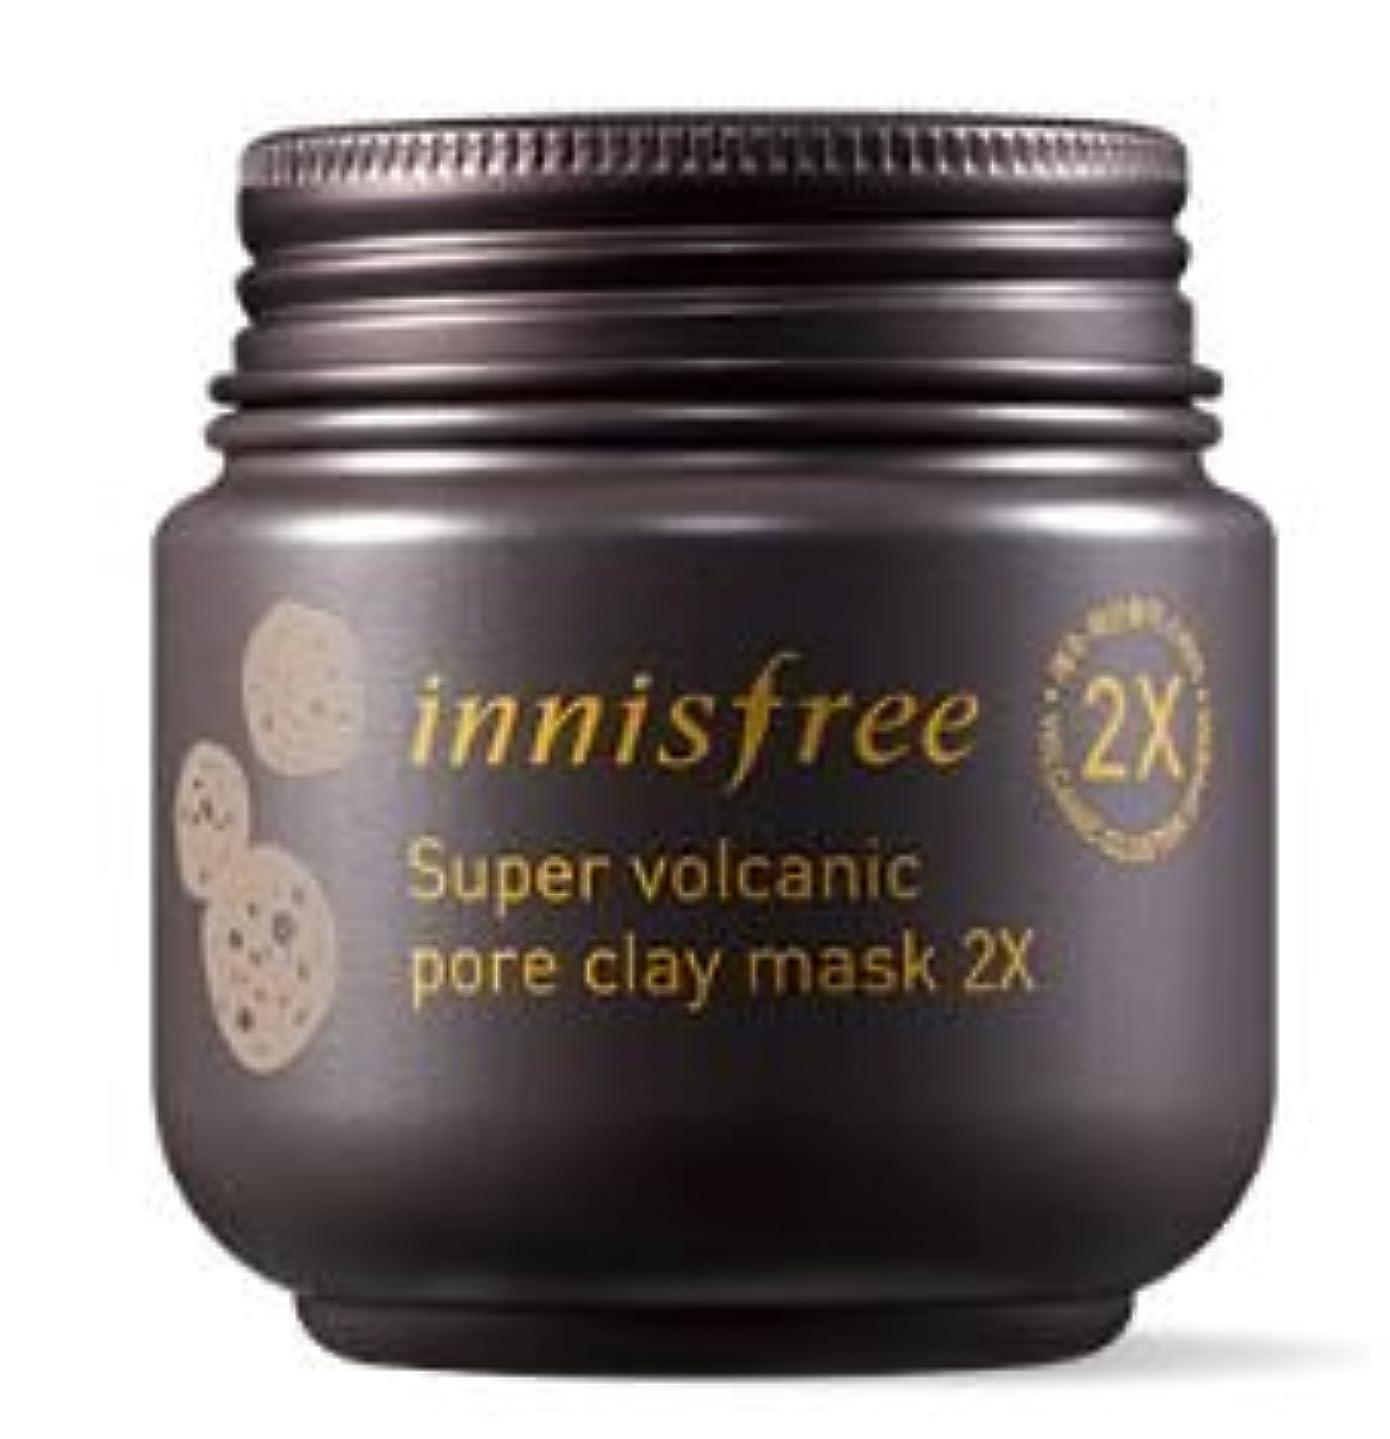 くちばしファイナンスどこにも★NEW★[innisfree] Super Volcanic Pore Clay Mask 2x 100ml [並行輸入品]